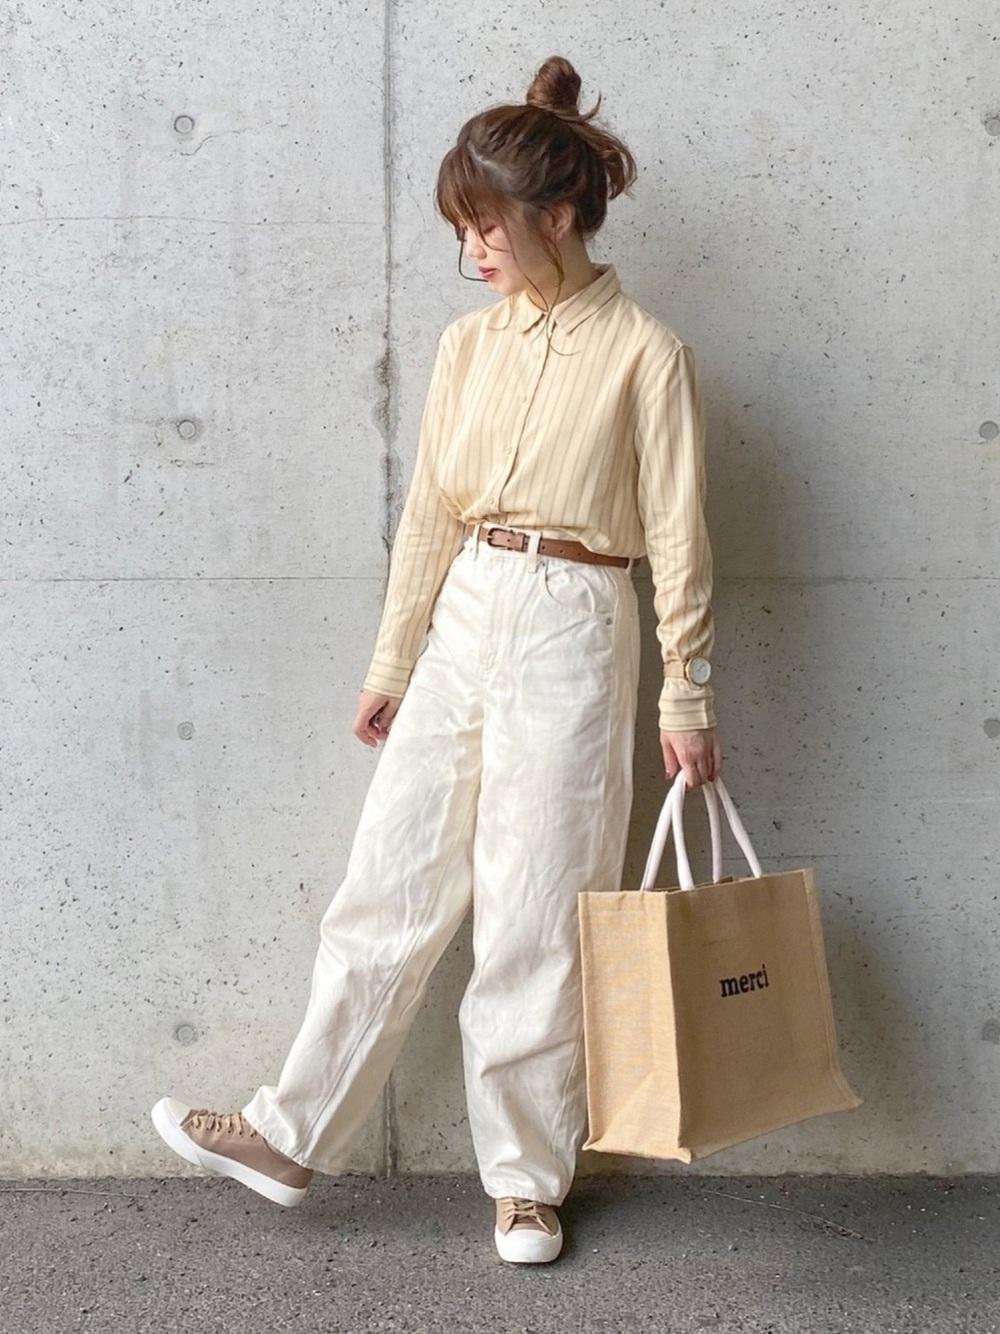 ストライプシャツにホワイトのパンツのコーデ